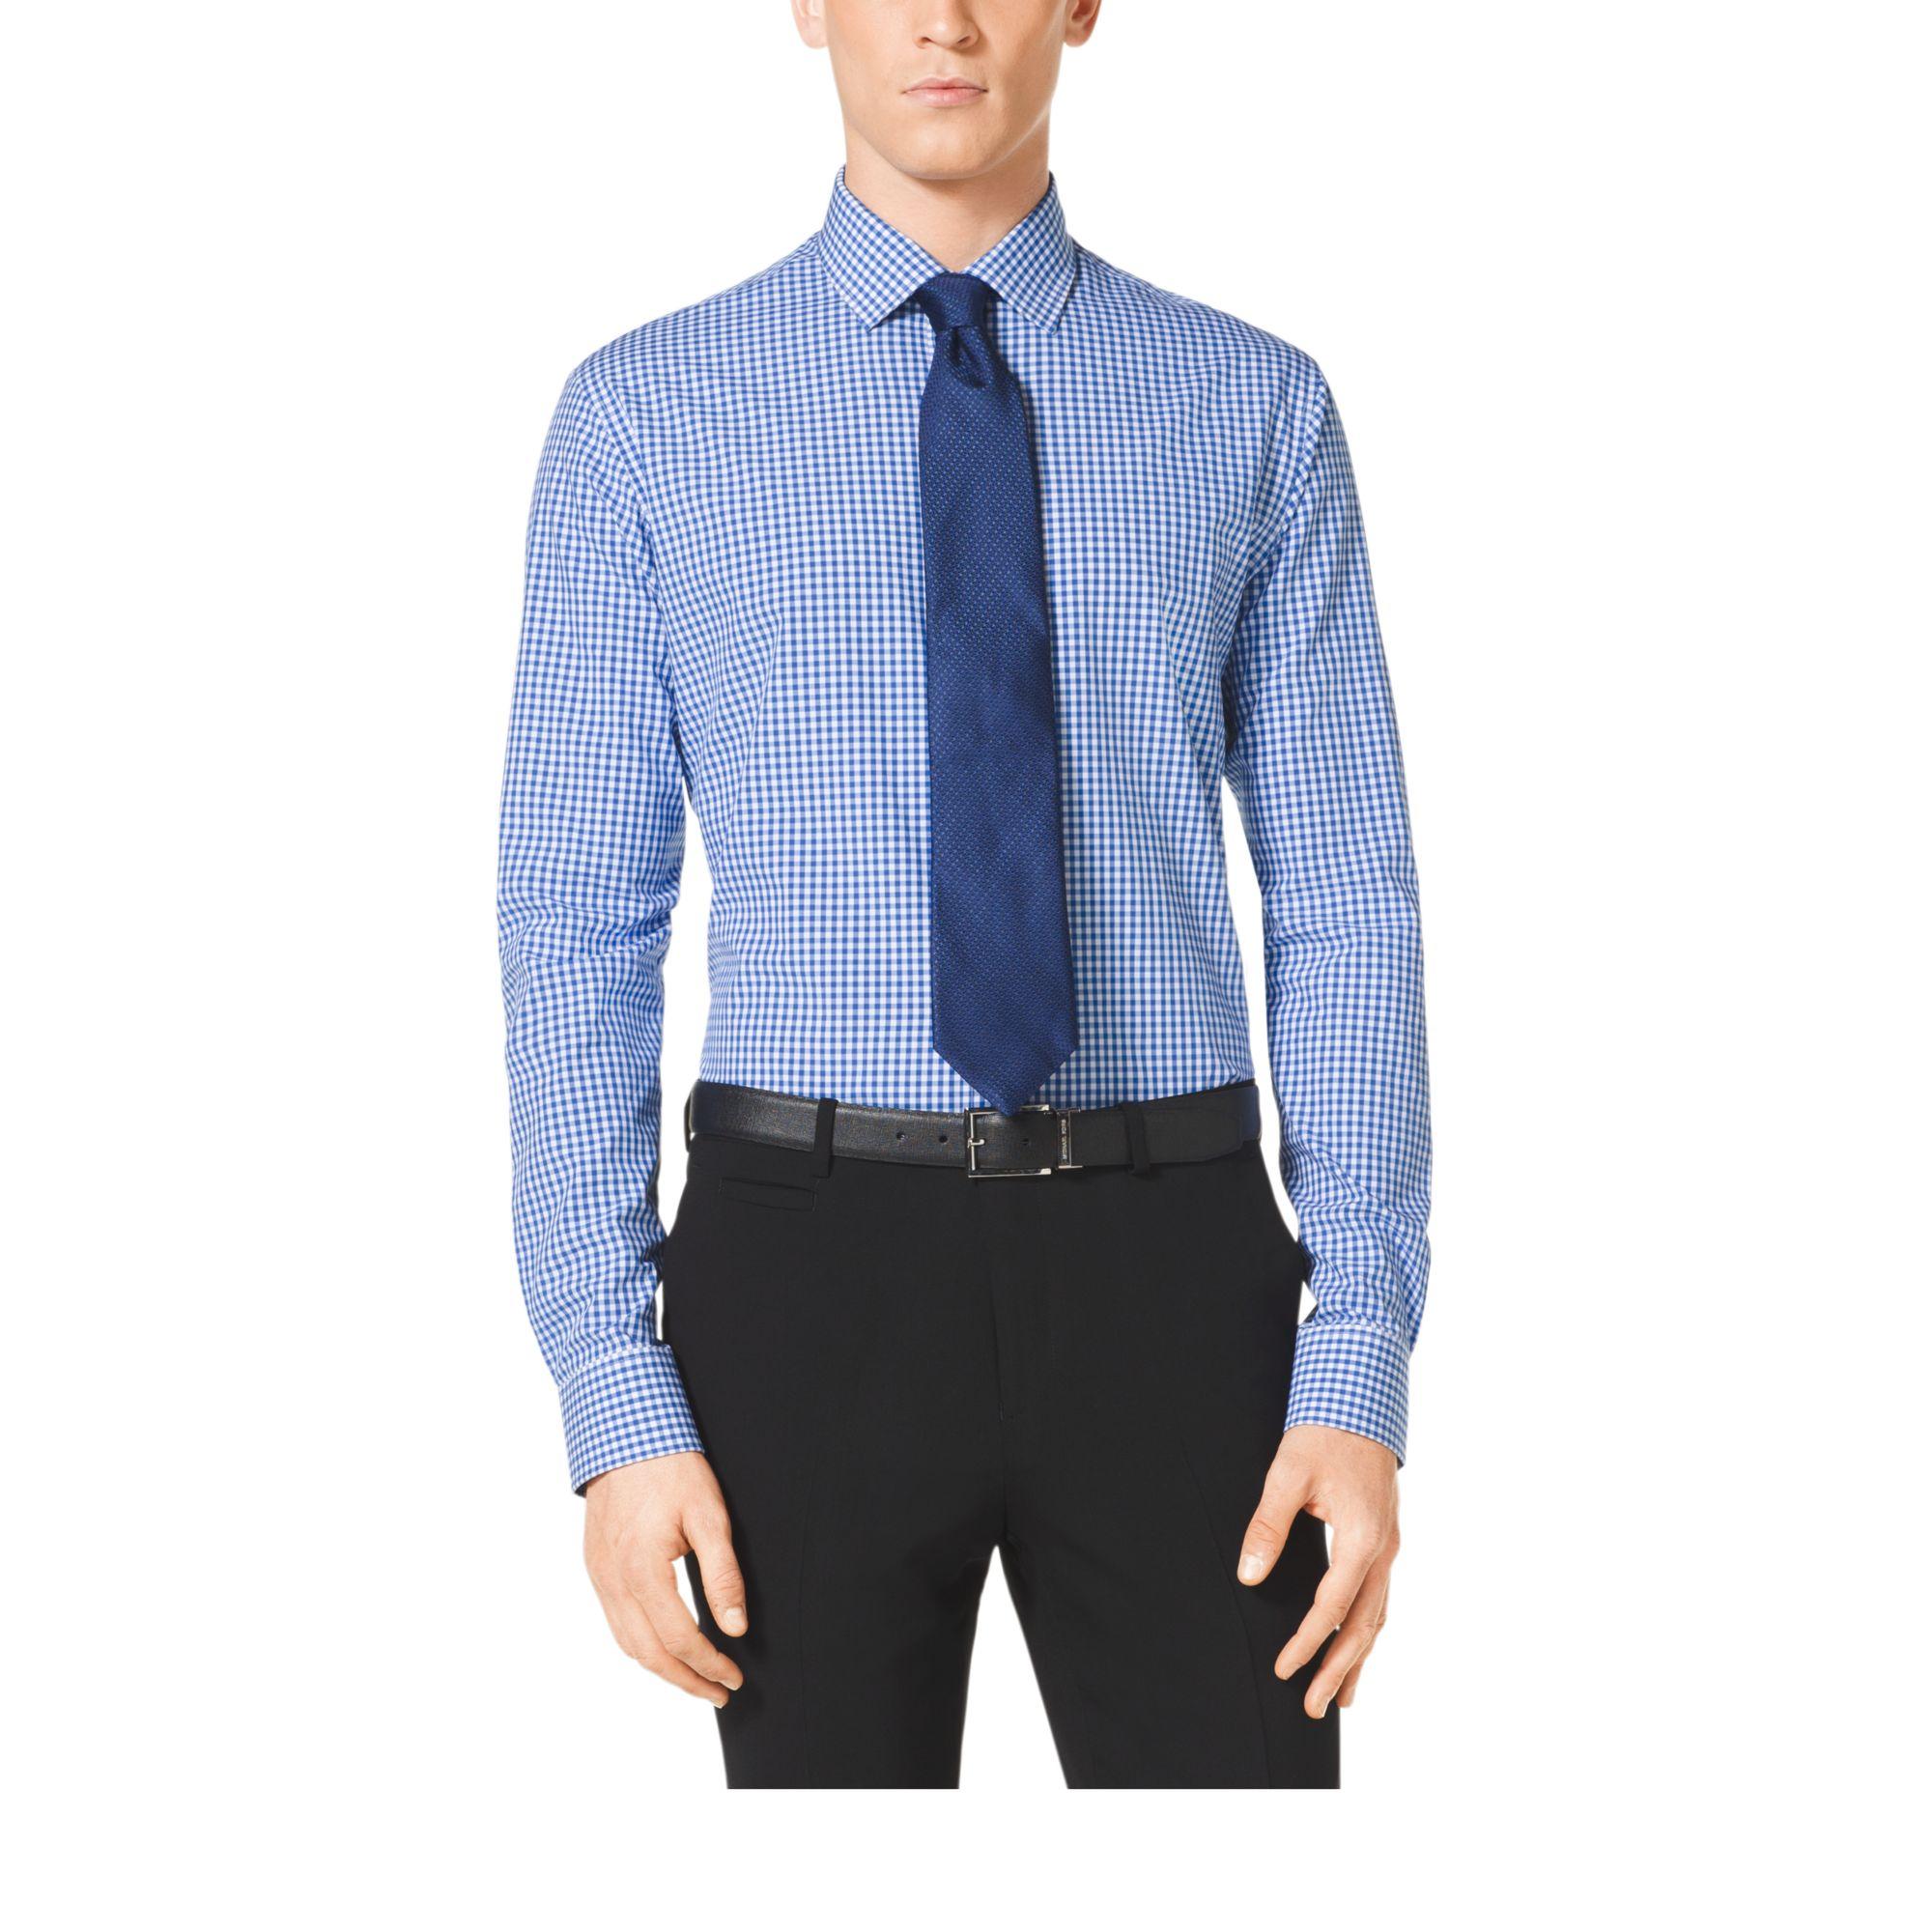 michael kors gingham cotton shirt in blue for men lyst. Black Bedroom Furniture Sets. Home Design Ideas